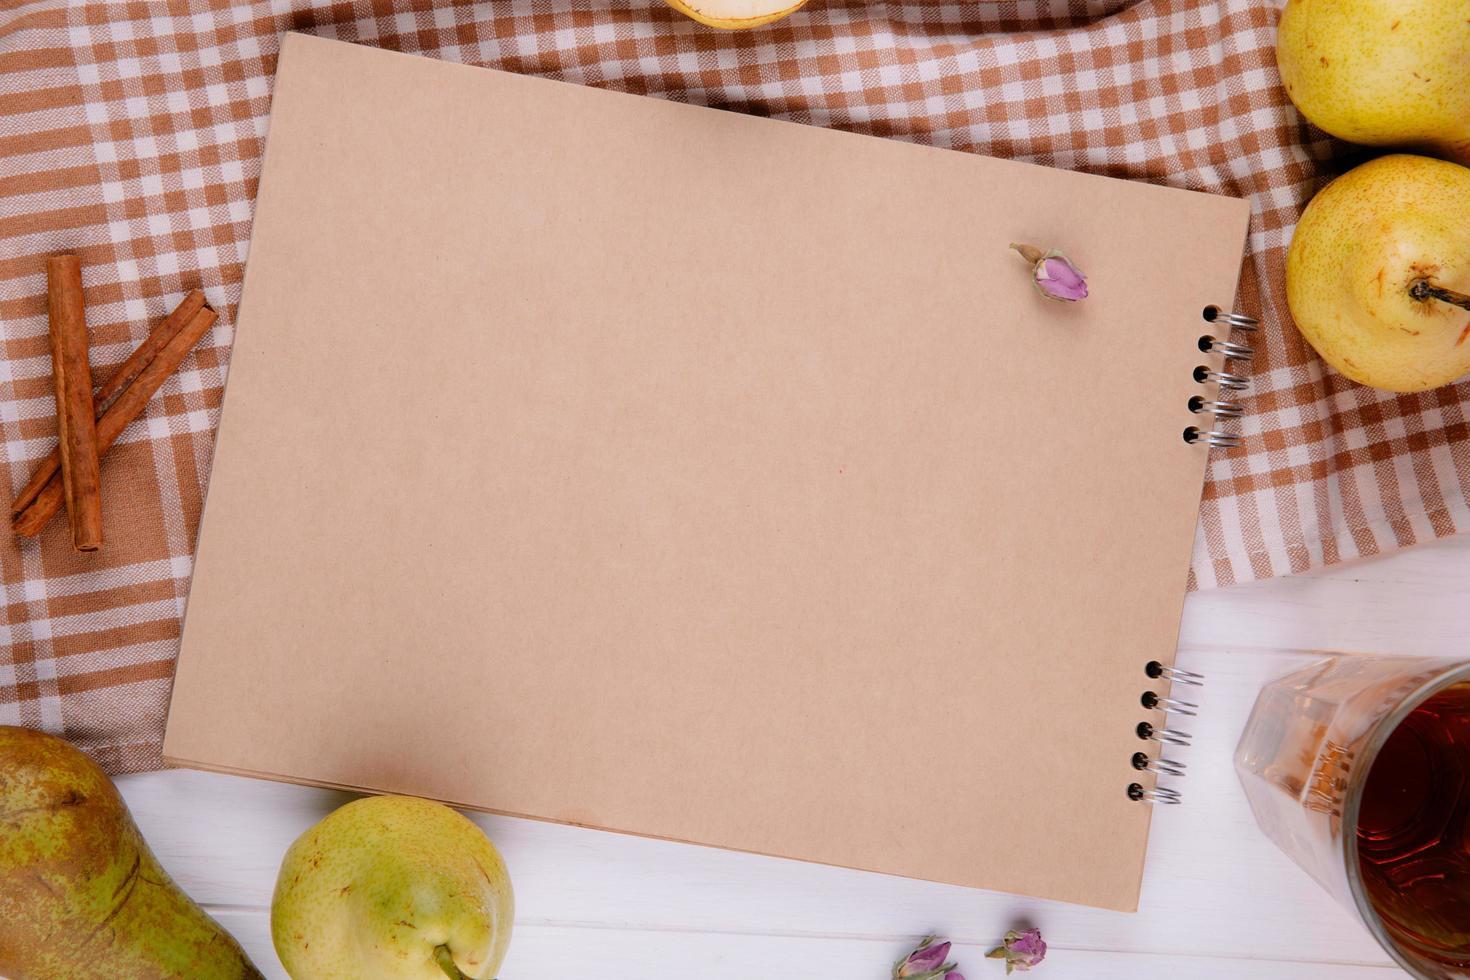 vista superior do caderno de desenho feito de papel artesanal com peras frescas maduras na toalha de mesa xadrez foto